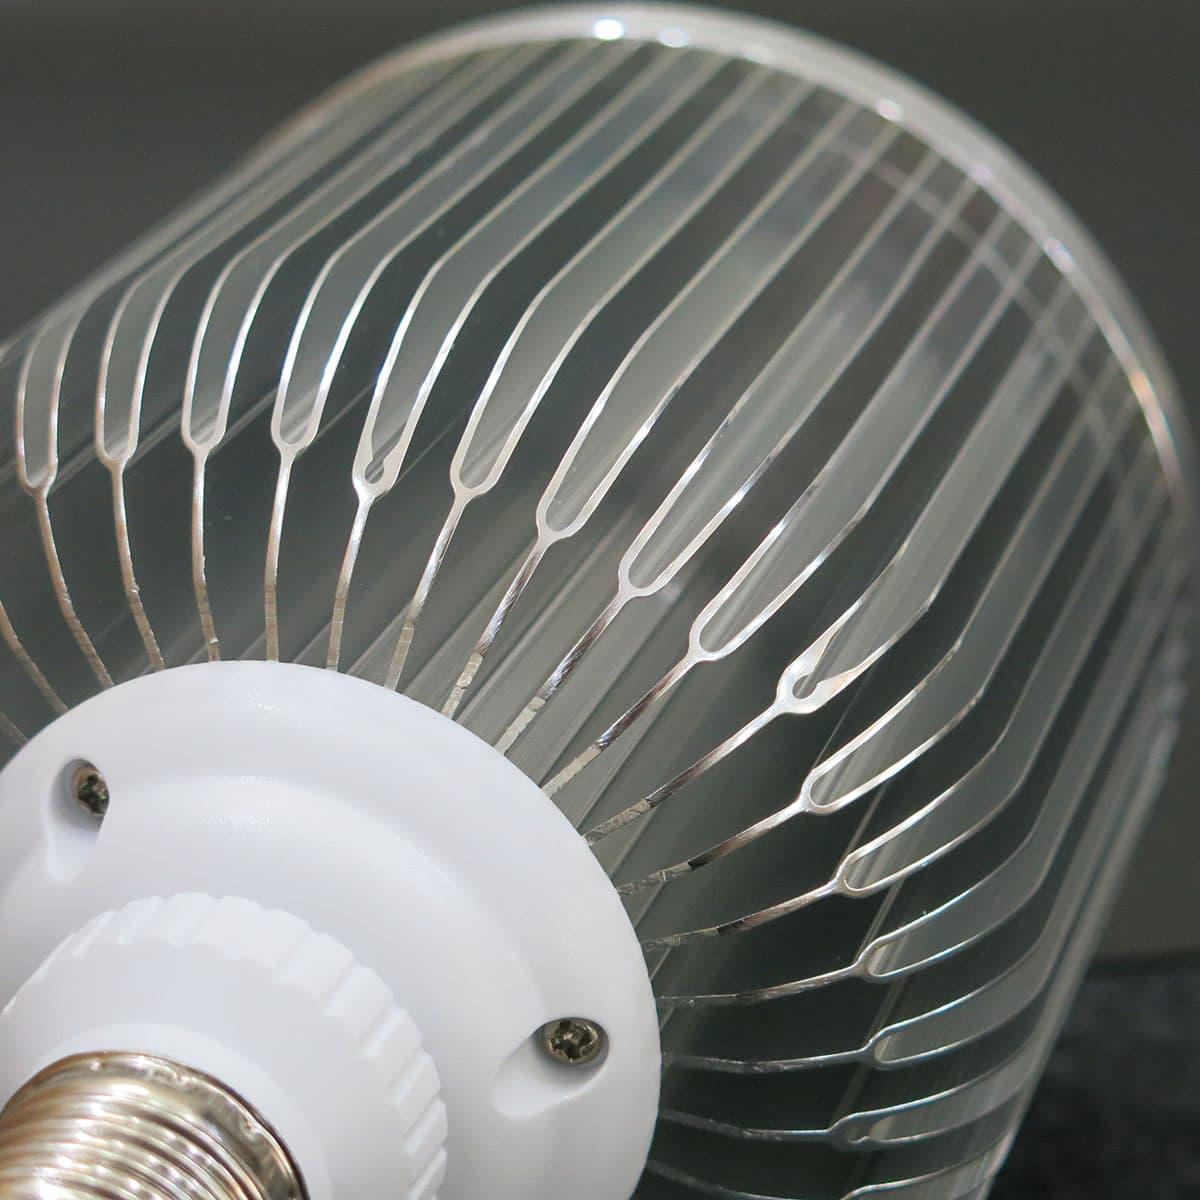 thanh tản nhiệt đèn bulb 36w